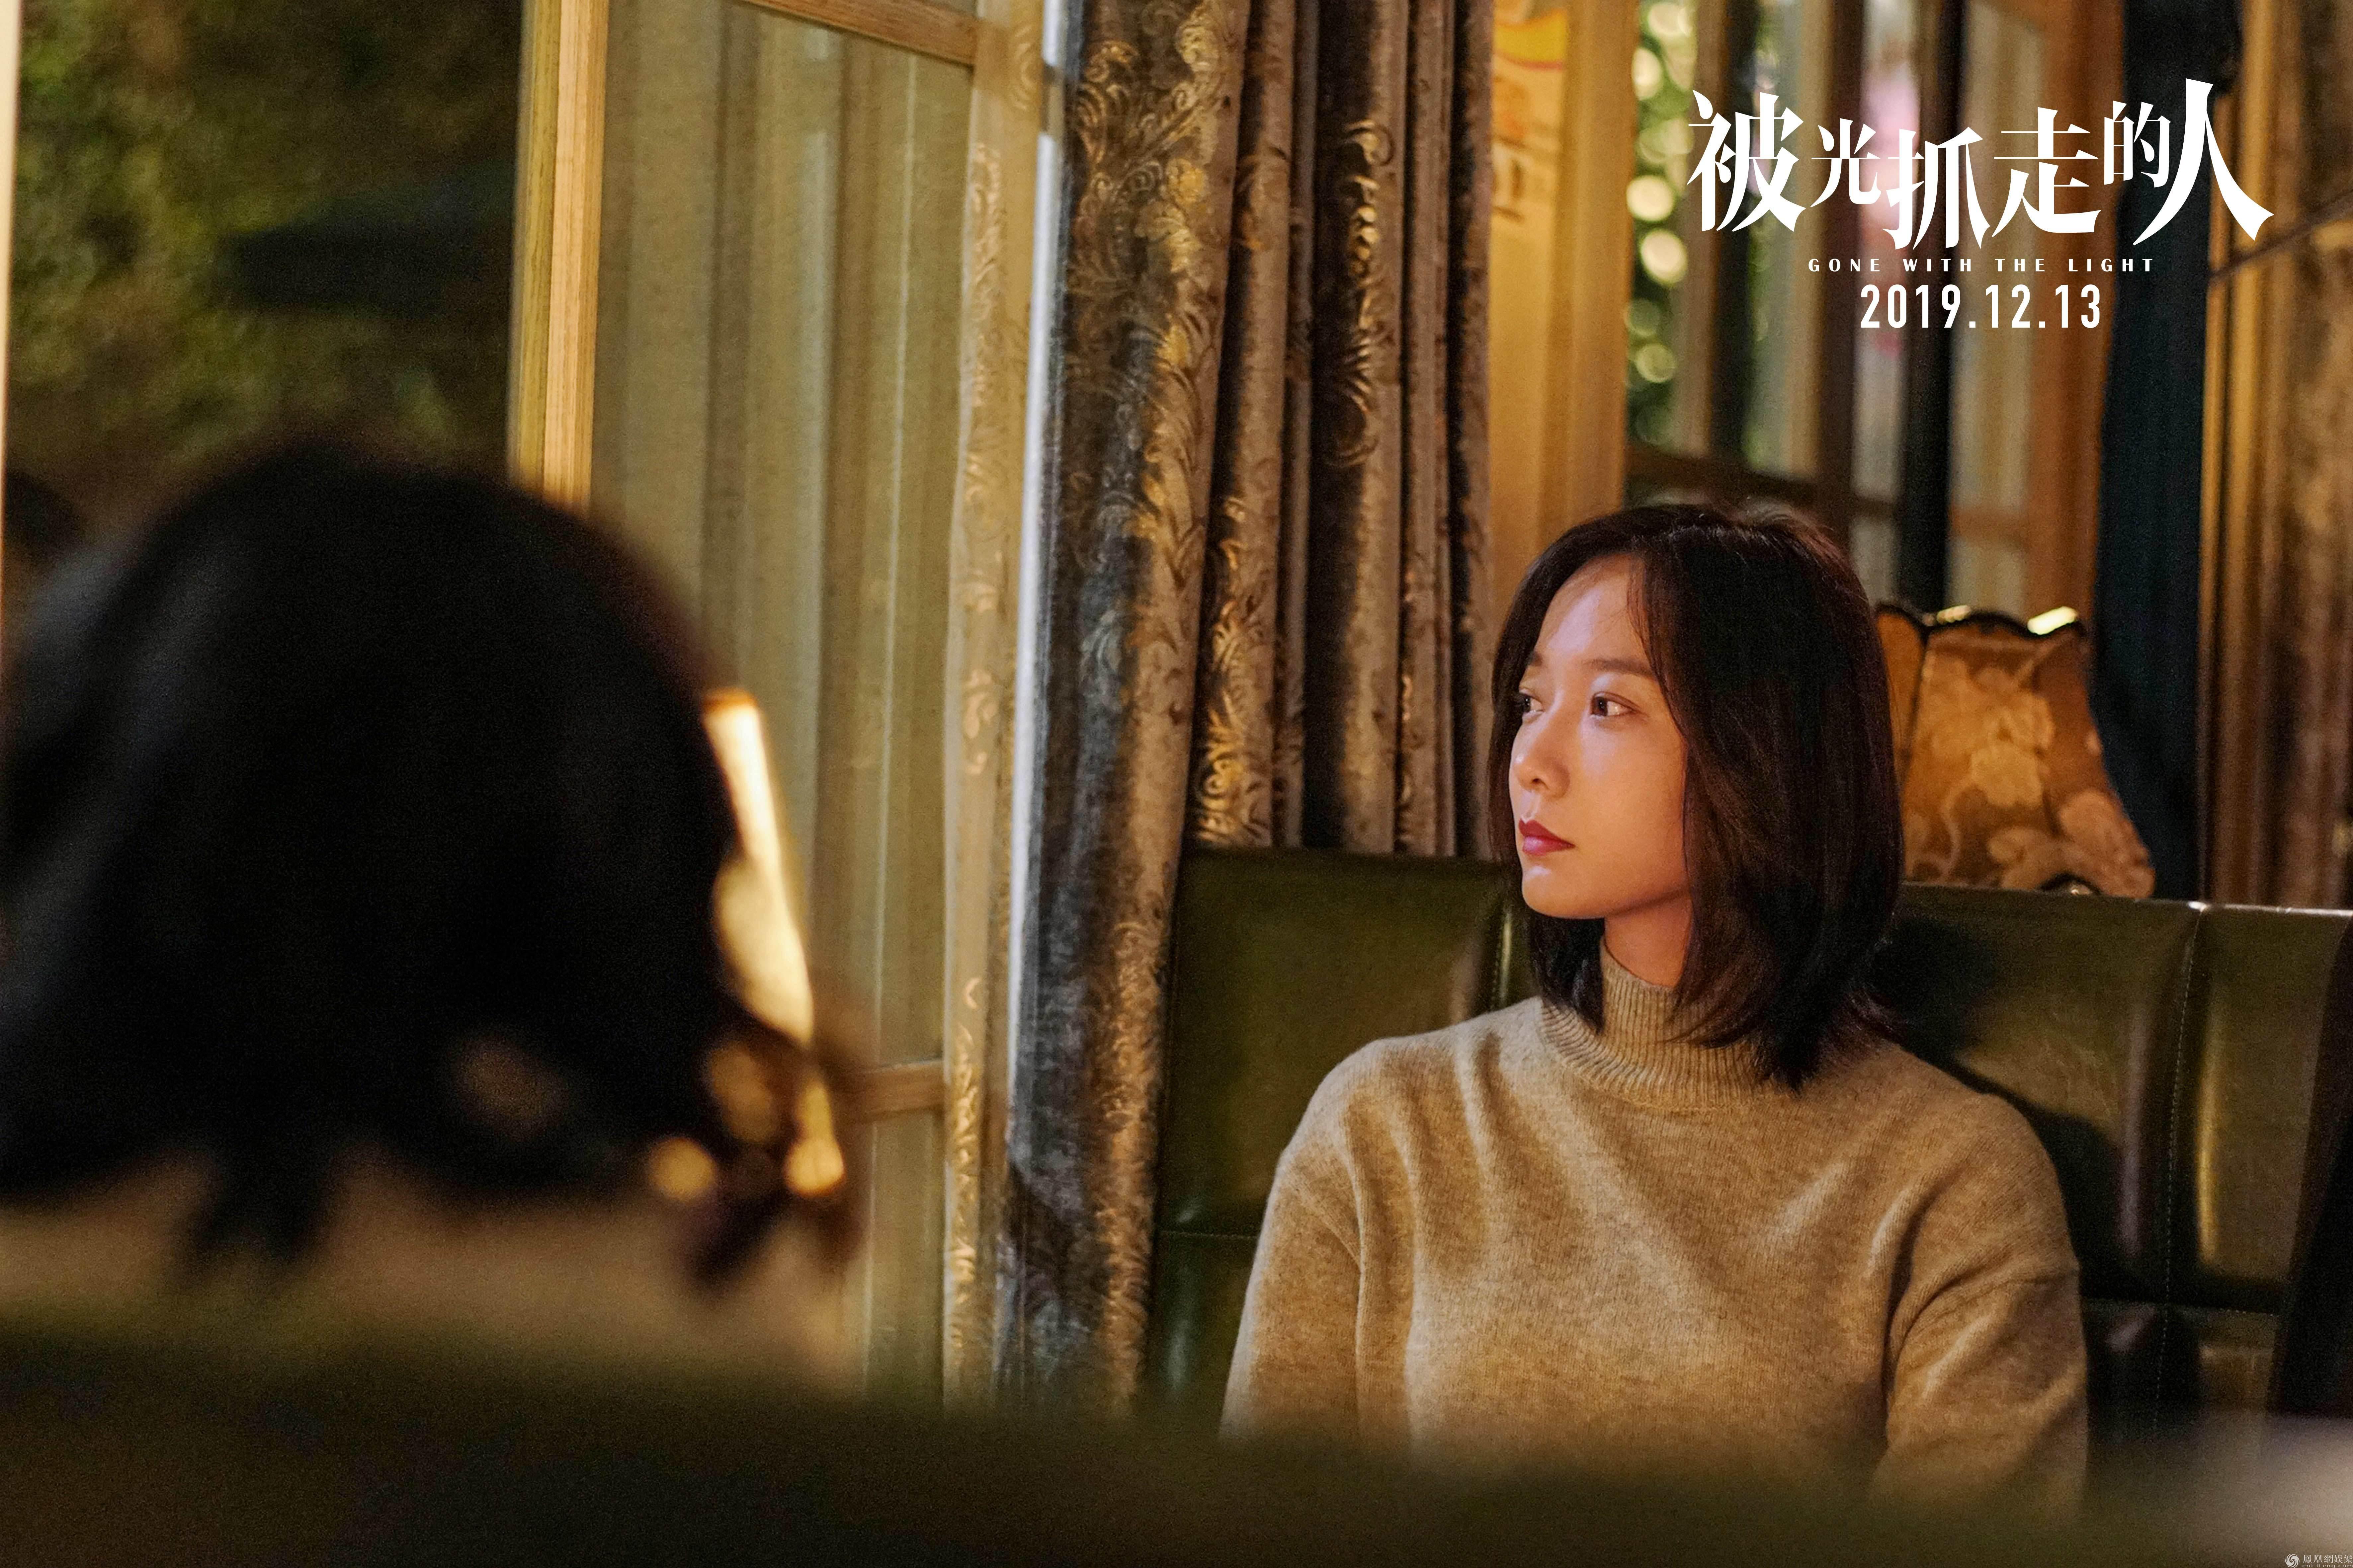 《被光抓走的人》曝预告 黄渤王珞丹谭卓上演现实主义爱情